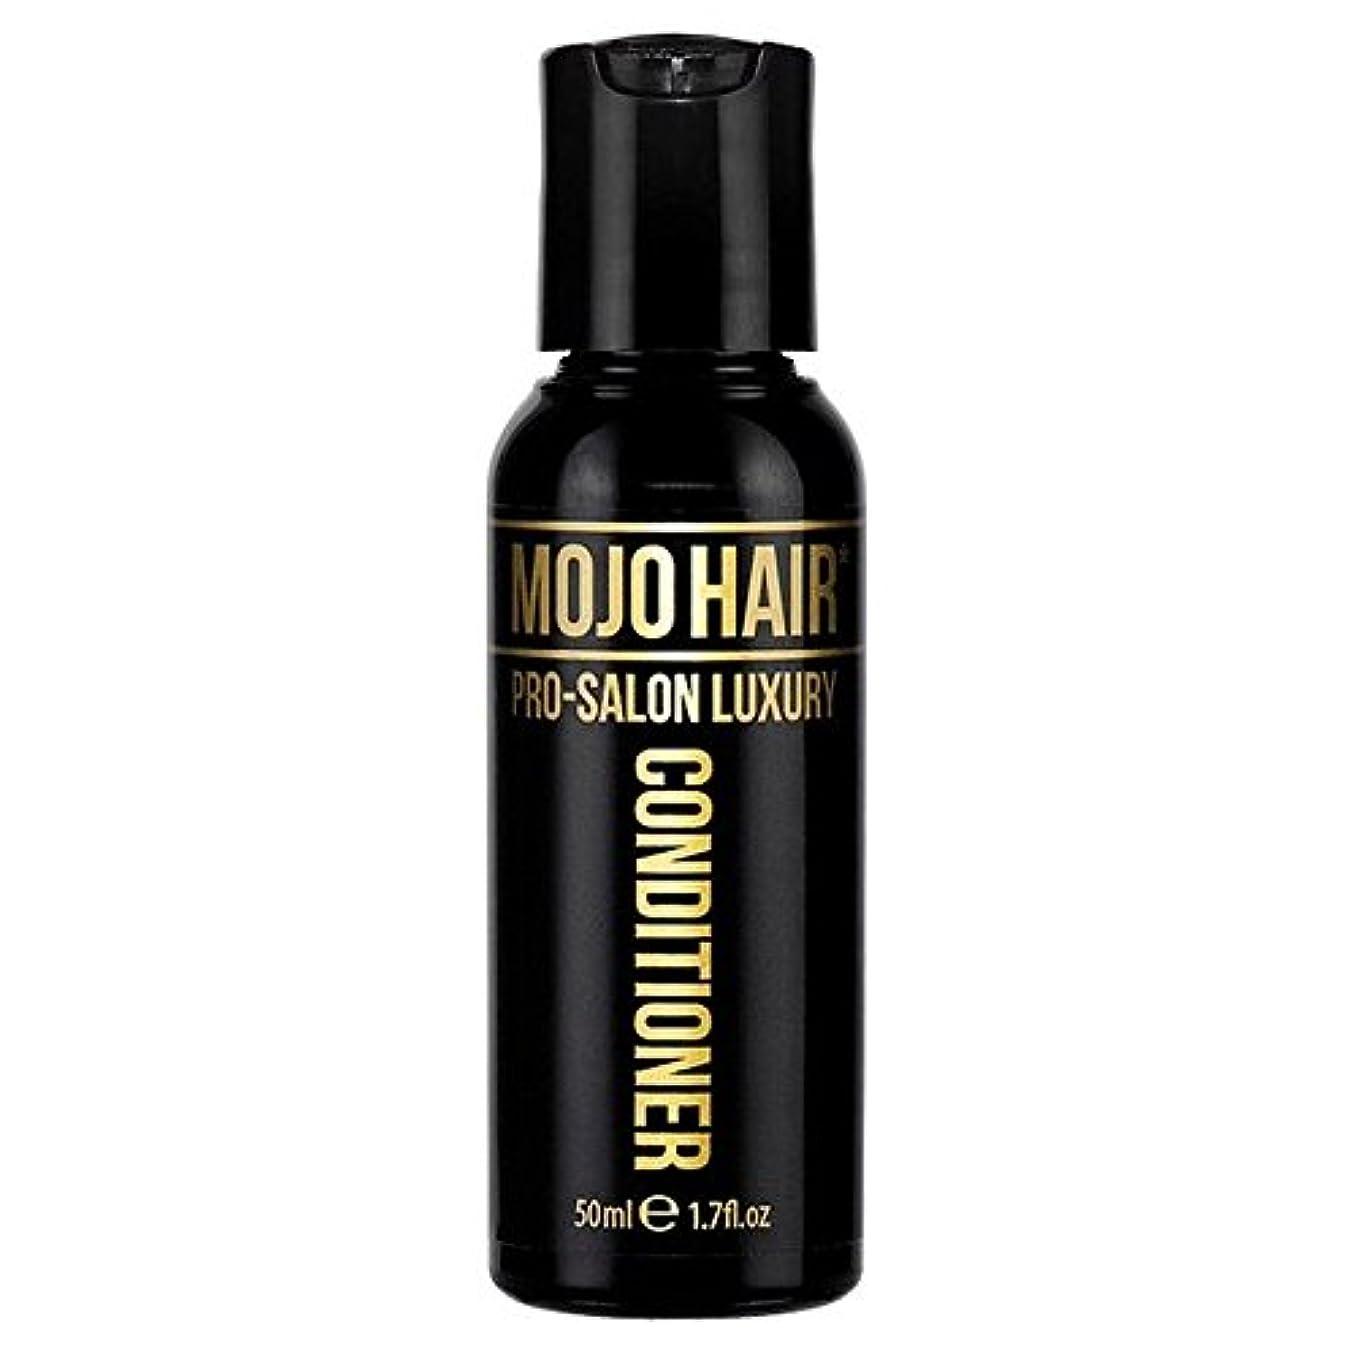 ちょうつがい横たわる信頼性のあるMOJO HAIR Pro-Salon Luxury Fragrance Conditioner for Men, Travel Size 50ml - 男性のためのモジョの毛プロのサロンの贅沢な香りコンディショナー、トラベルサイズ...